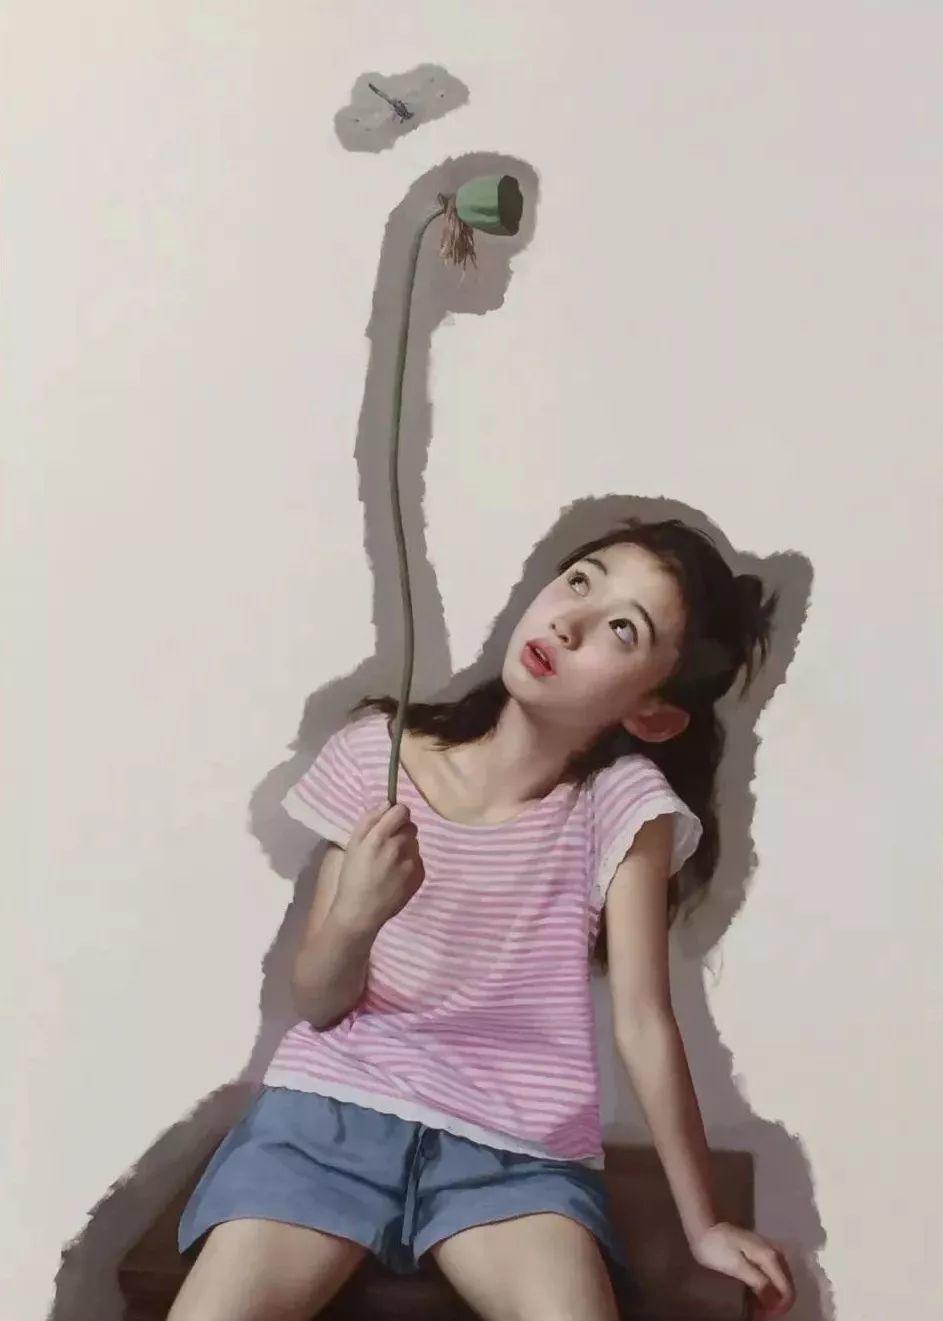 35年专注画青春美少女,最贵画作卖708万插图33